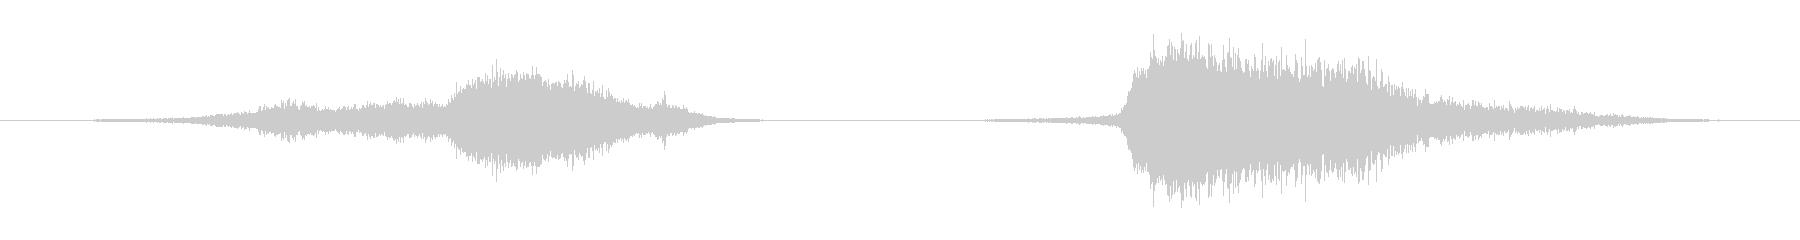 フィクション 電力装置 崩壊01の未再生の波形